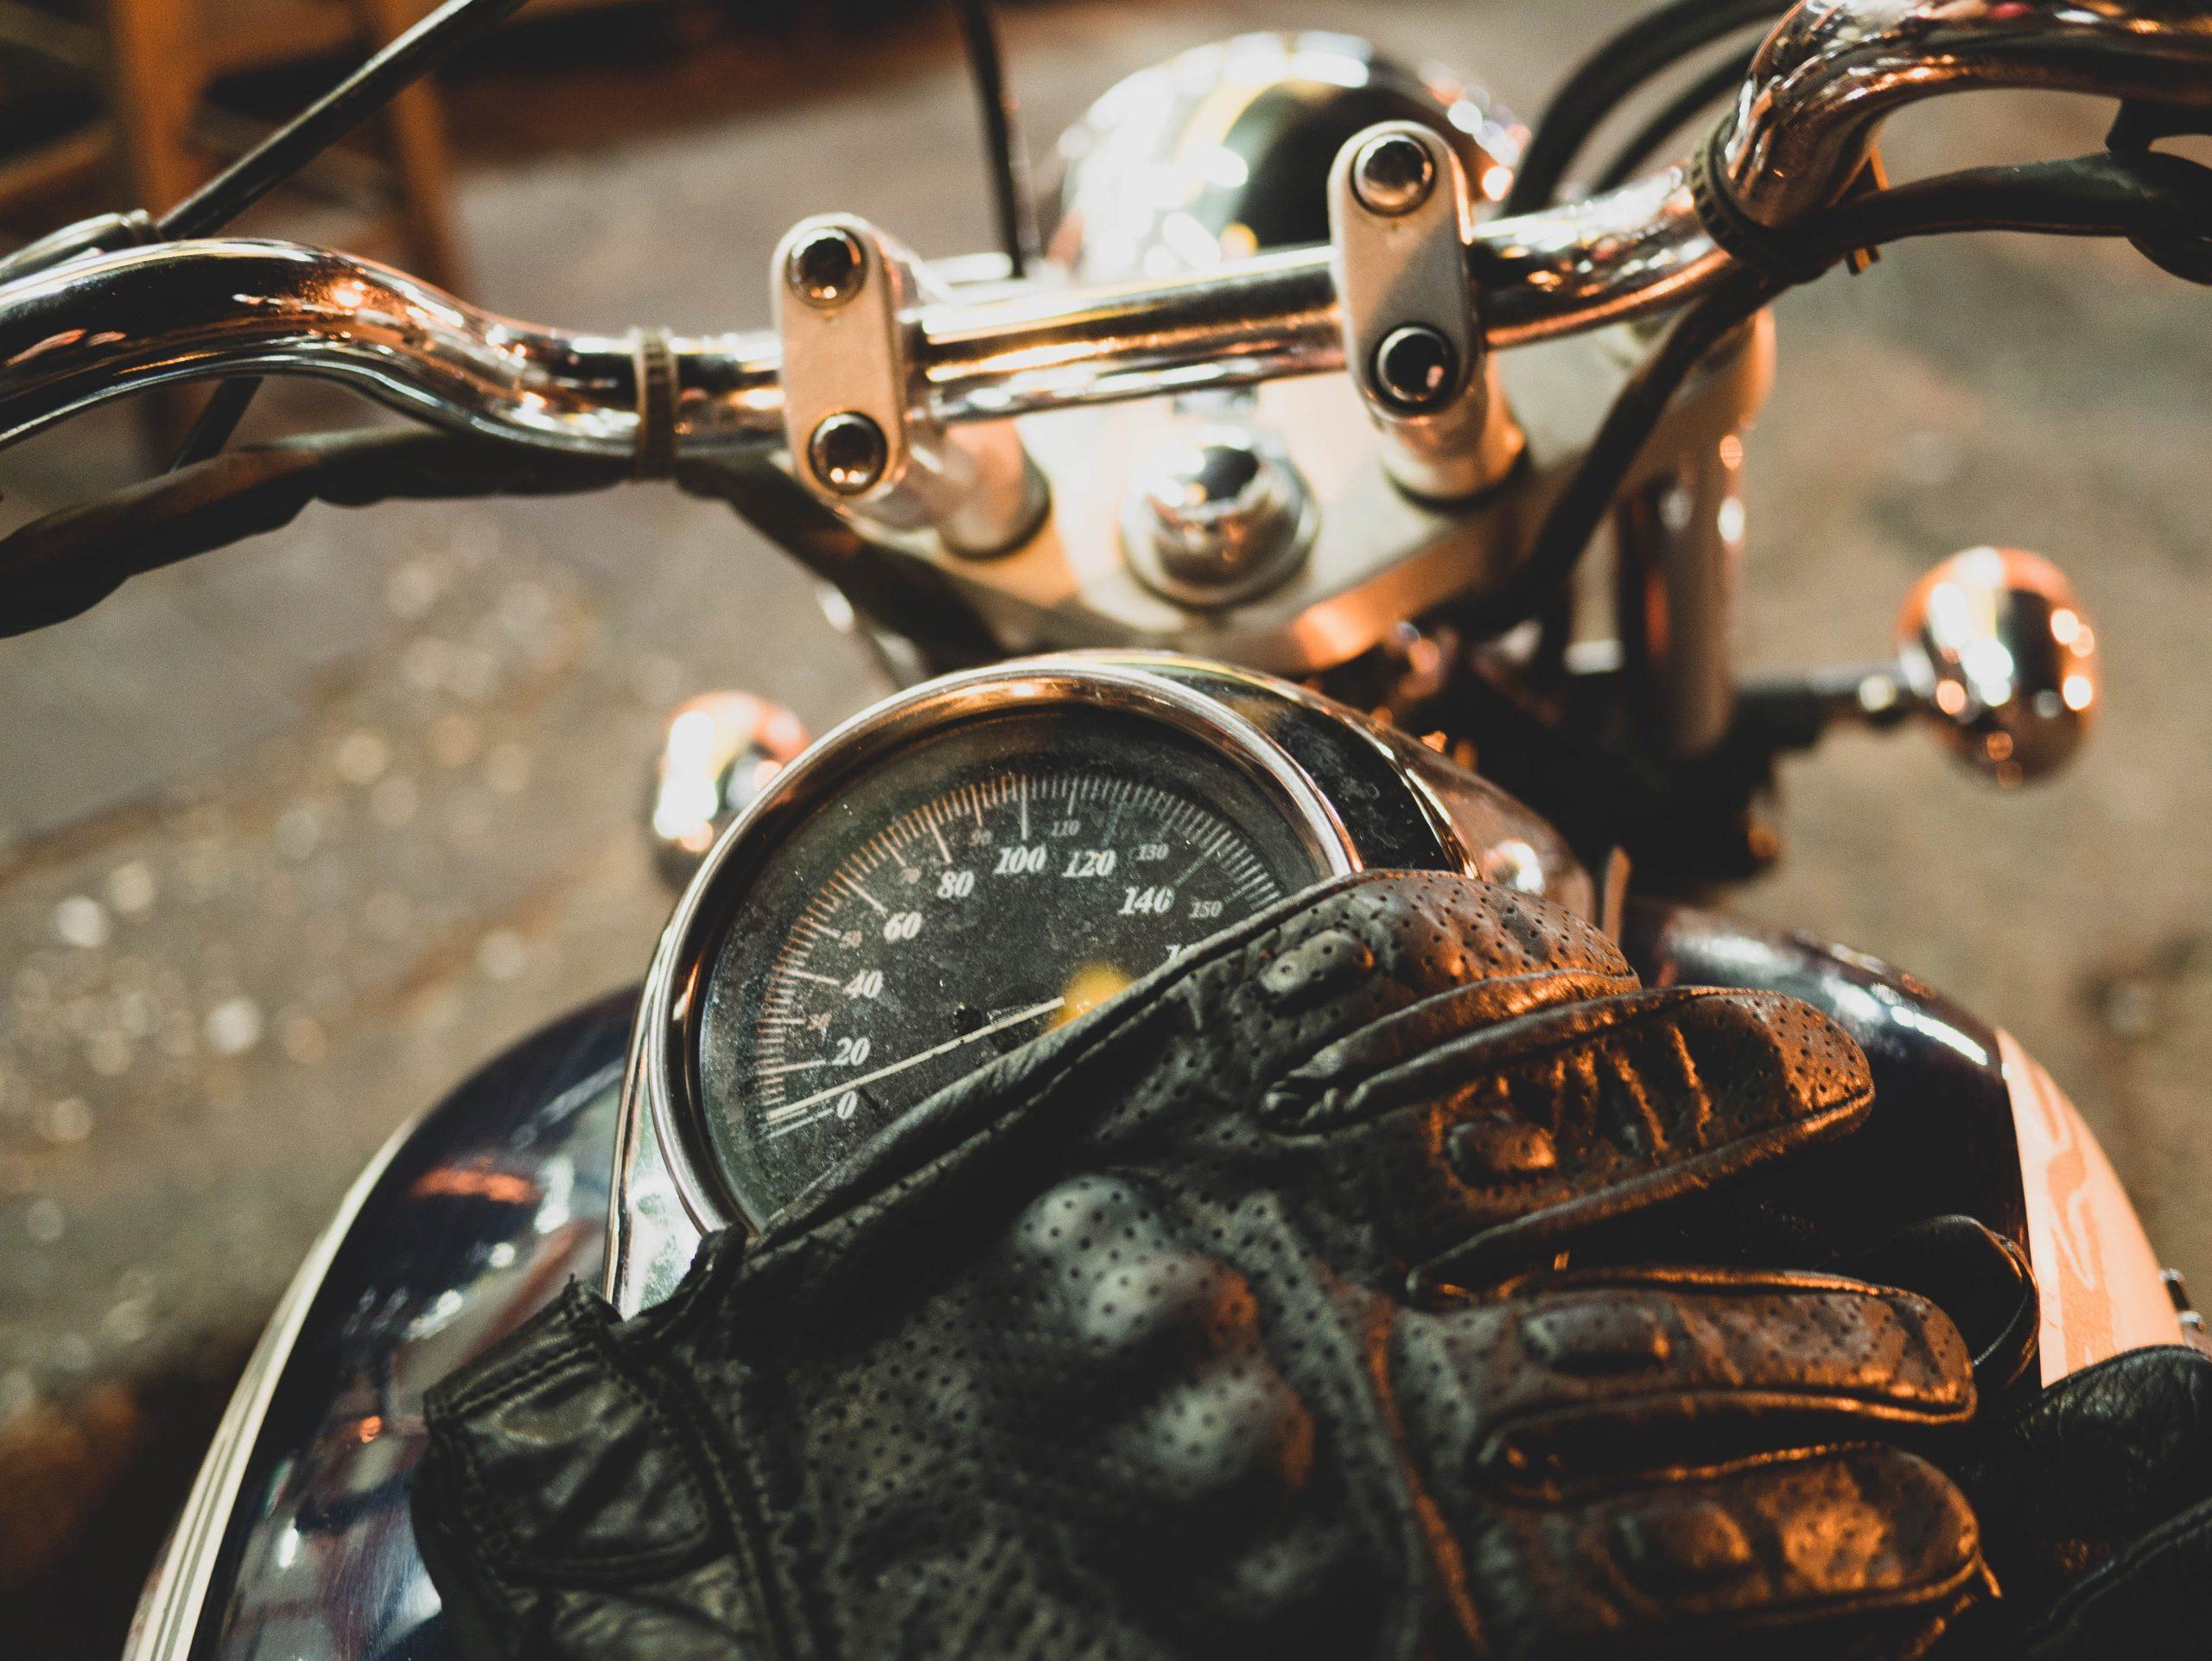 Hiszpania. Rękawice motocyklowe obowiązkowe!